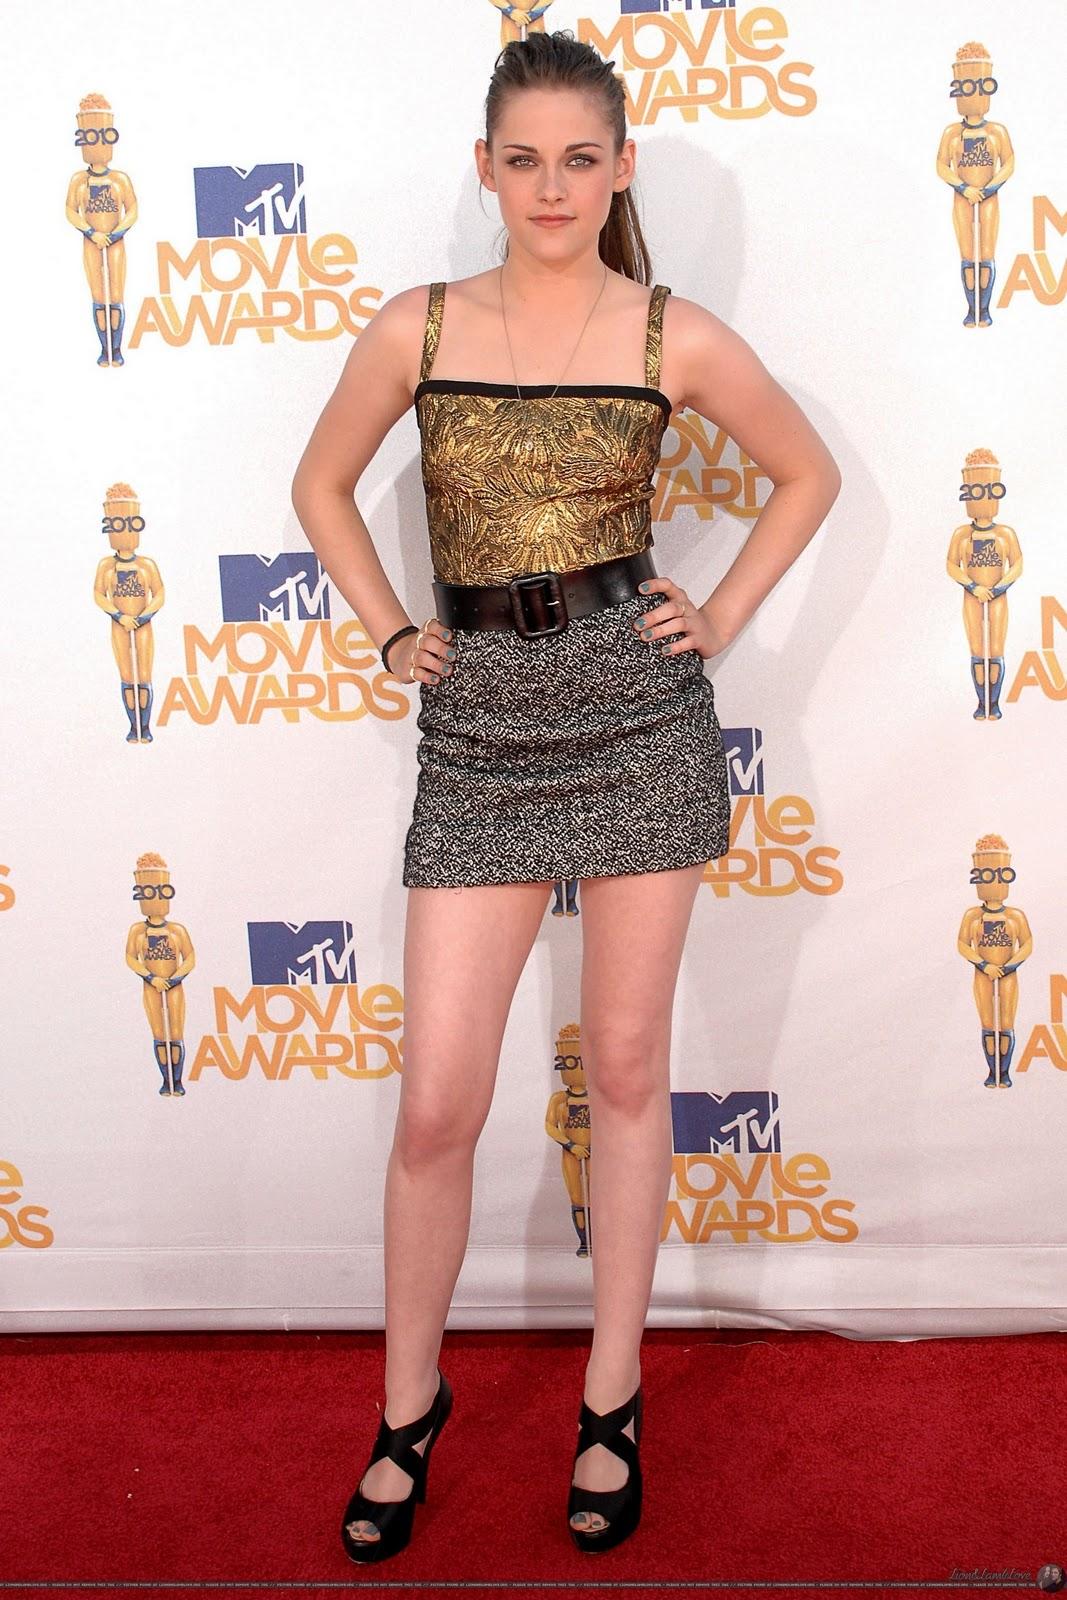 http://1.bp.blogspot.com/_hnTByD2mGh8/TPLjwPrQ5HI/AAAAAAAAB6M/ksbg-hNq7zY/s1600/2010-MTV-Movie-Awards-kristen-stewart-12805337-1707-2560.jpg